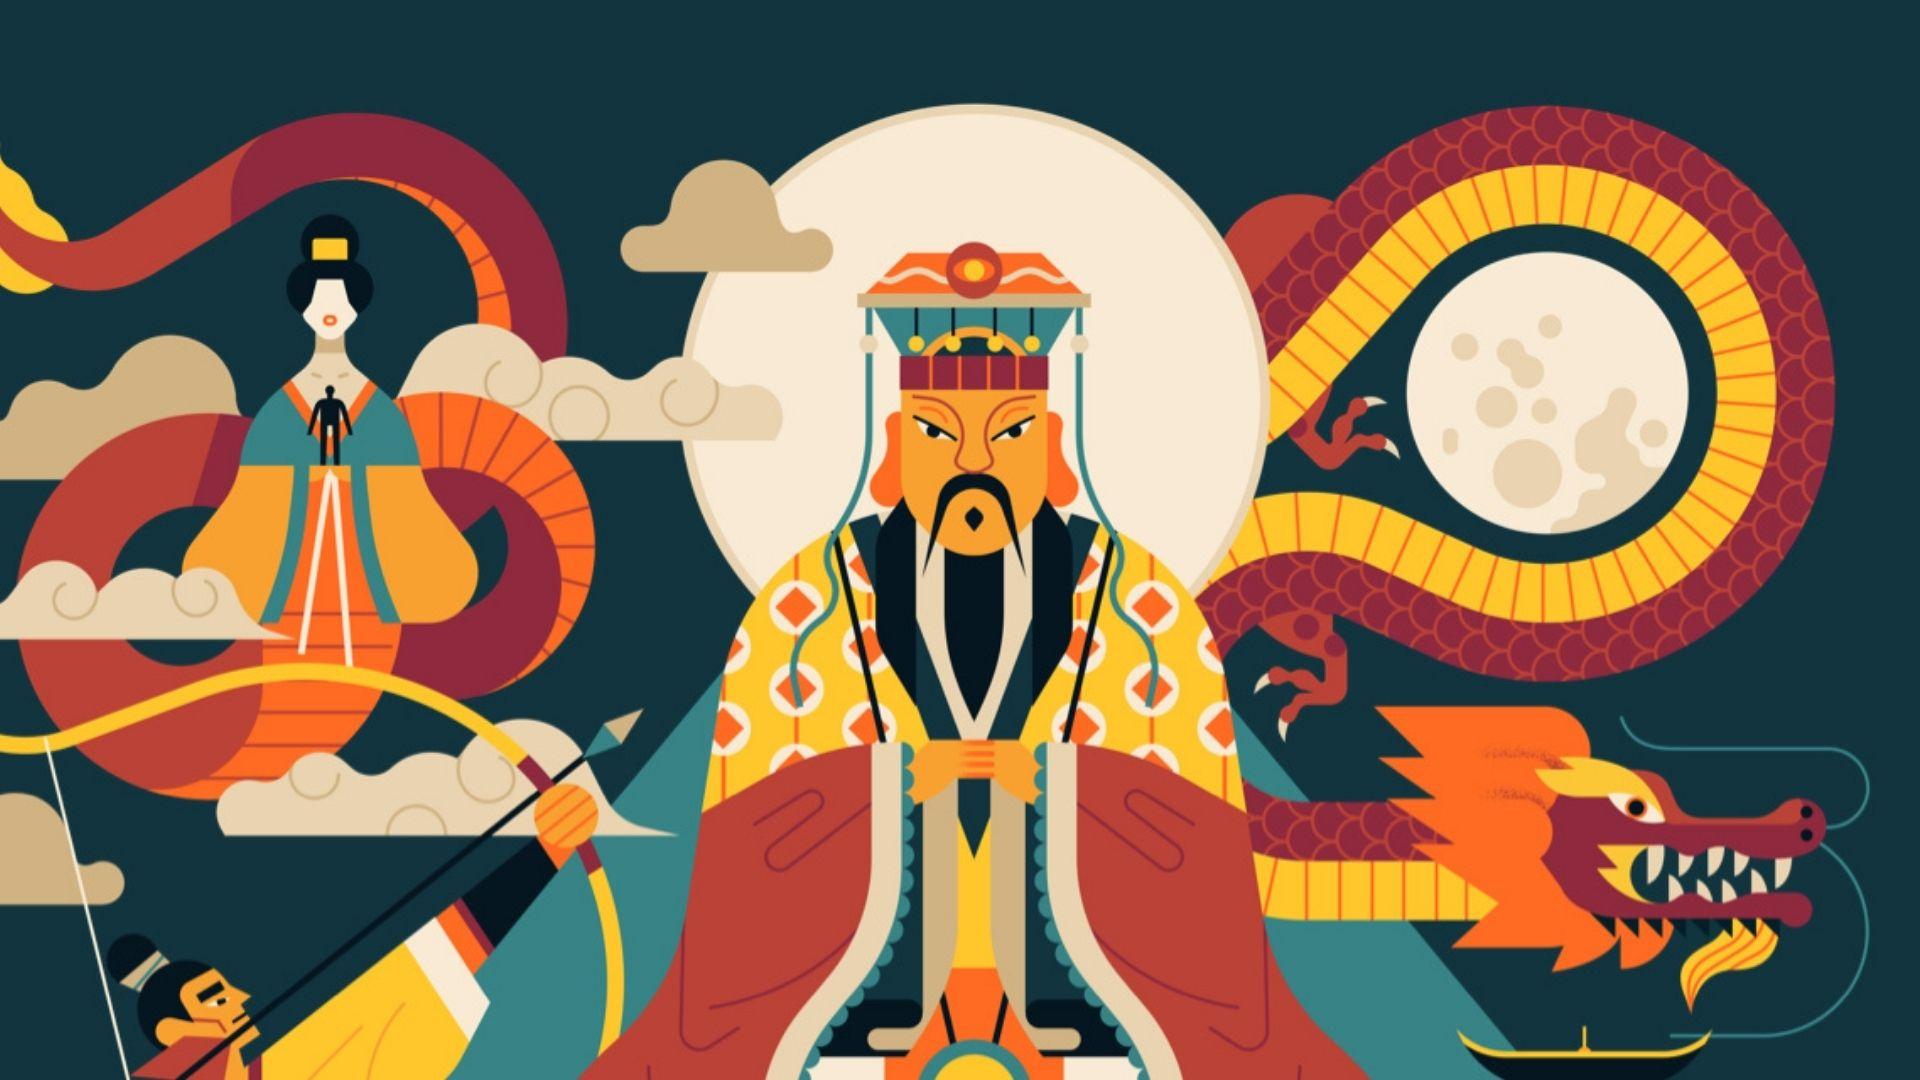 Episode 347 Myths and Legends Chinese Mythology